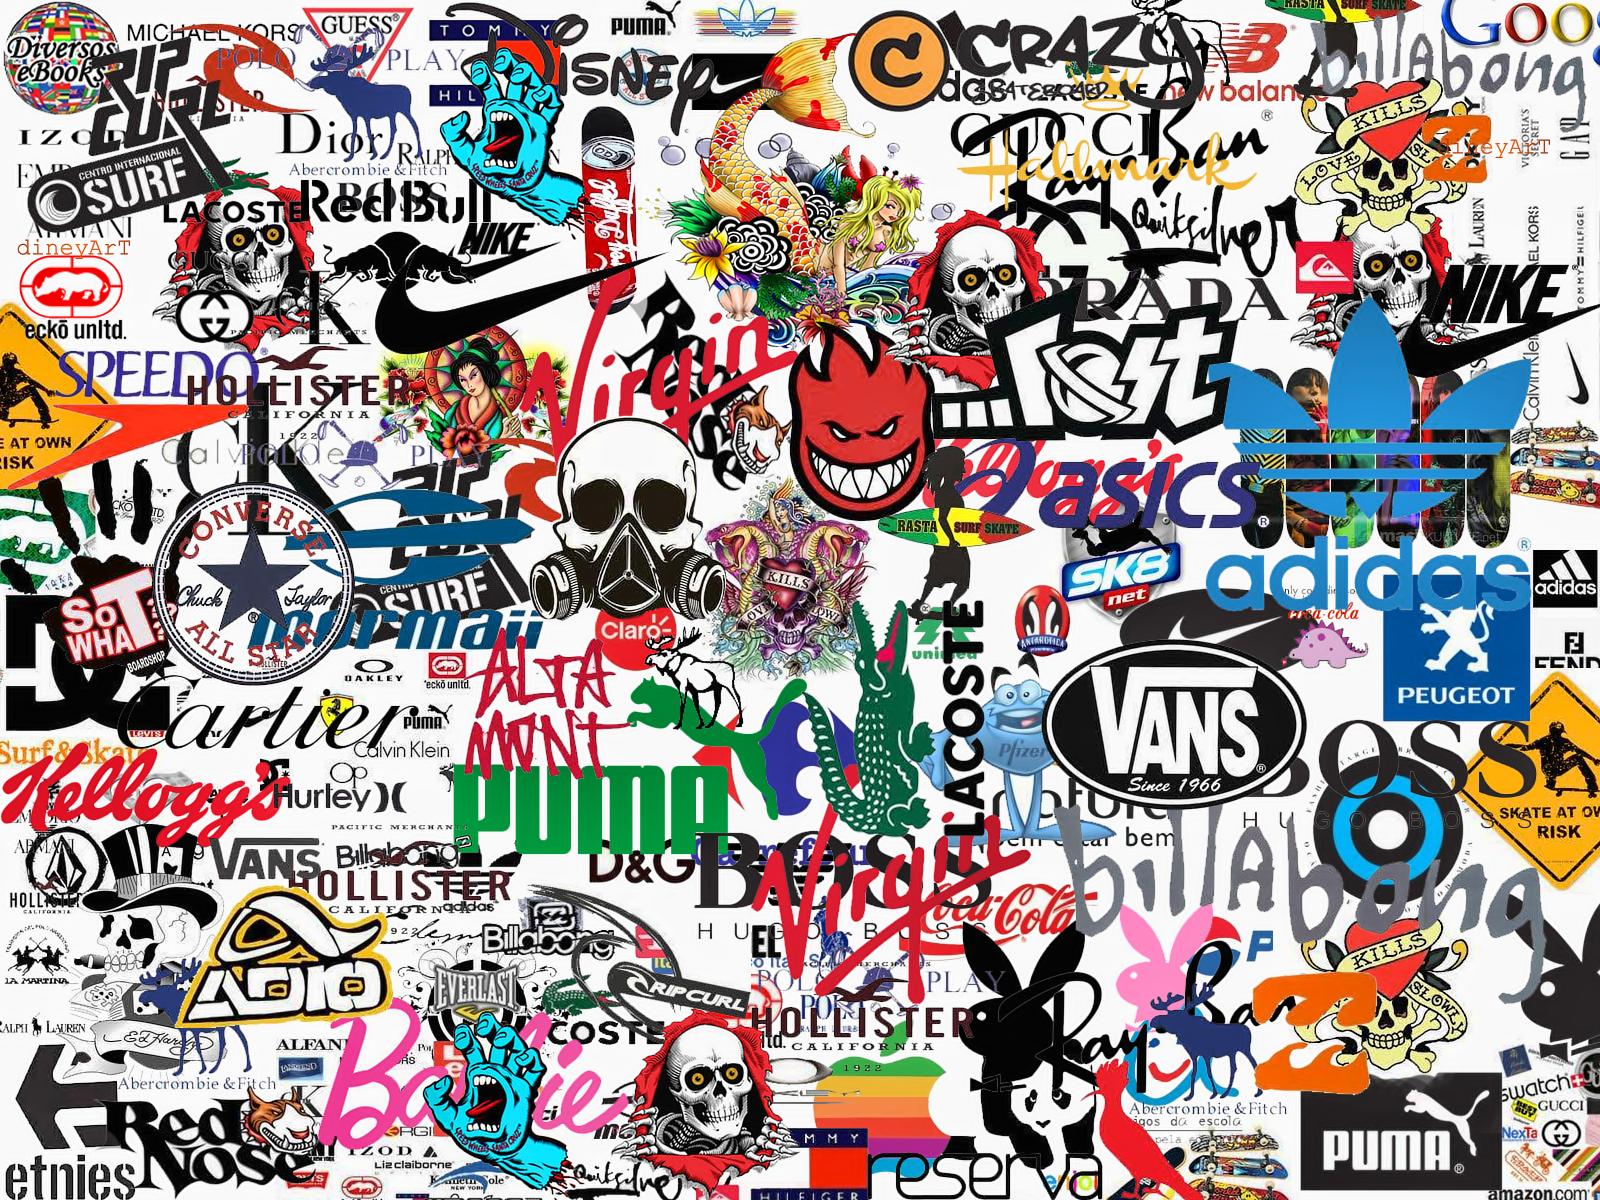 ロイヤリティフリーステッカー ボム 壁紙 Cool Stickers クールな